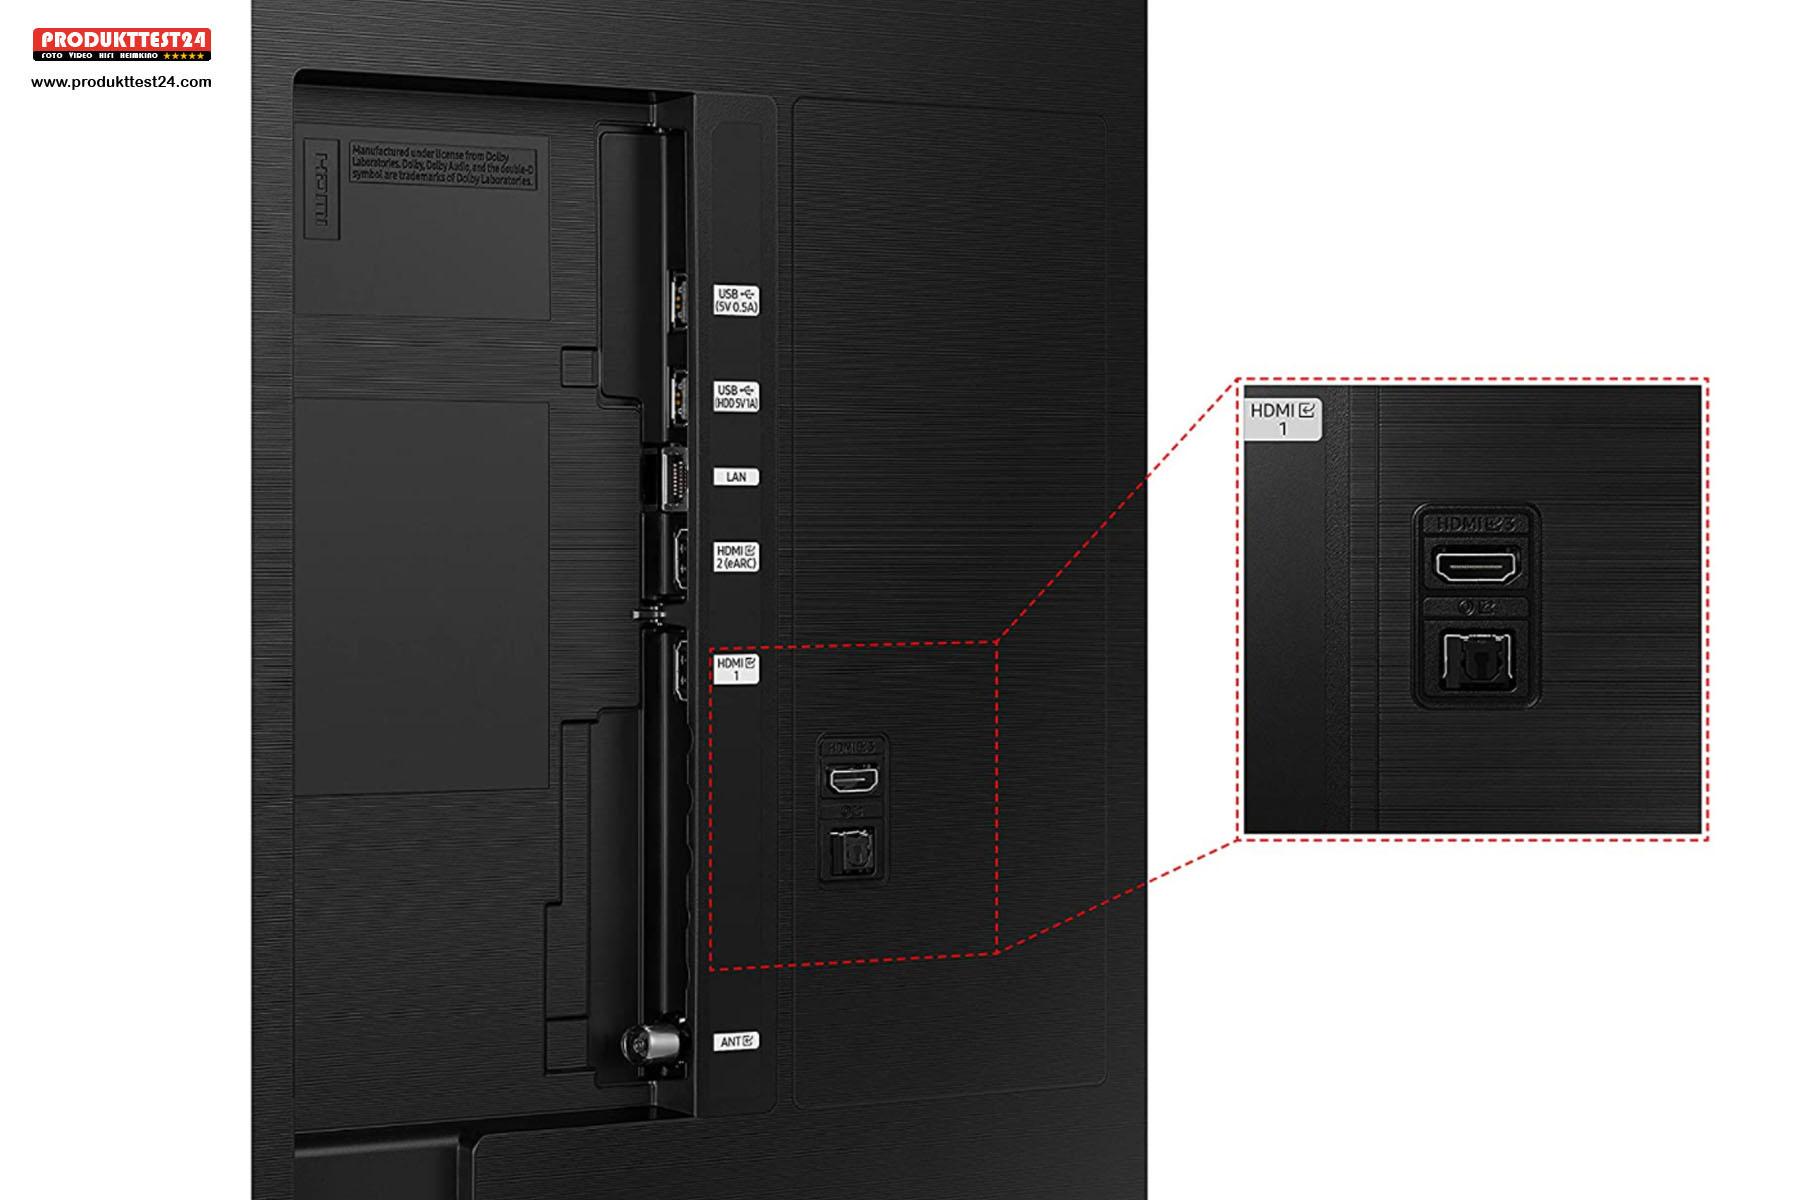 Die Anschlussleiste auf der Rückseite mit 3 HDMI Ports